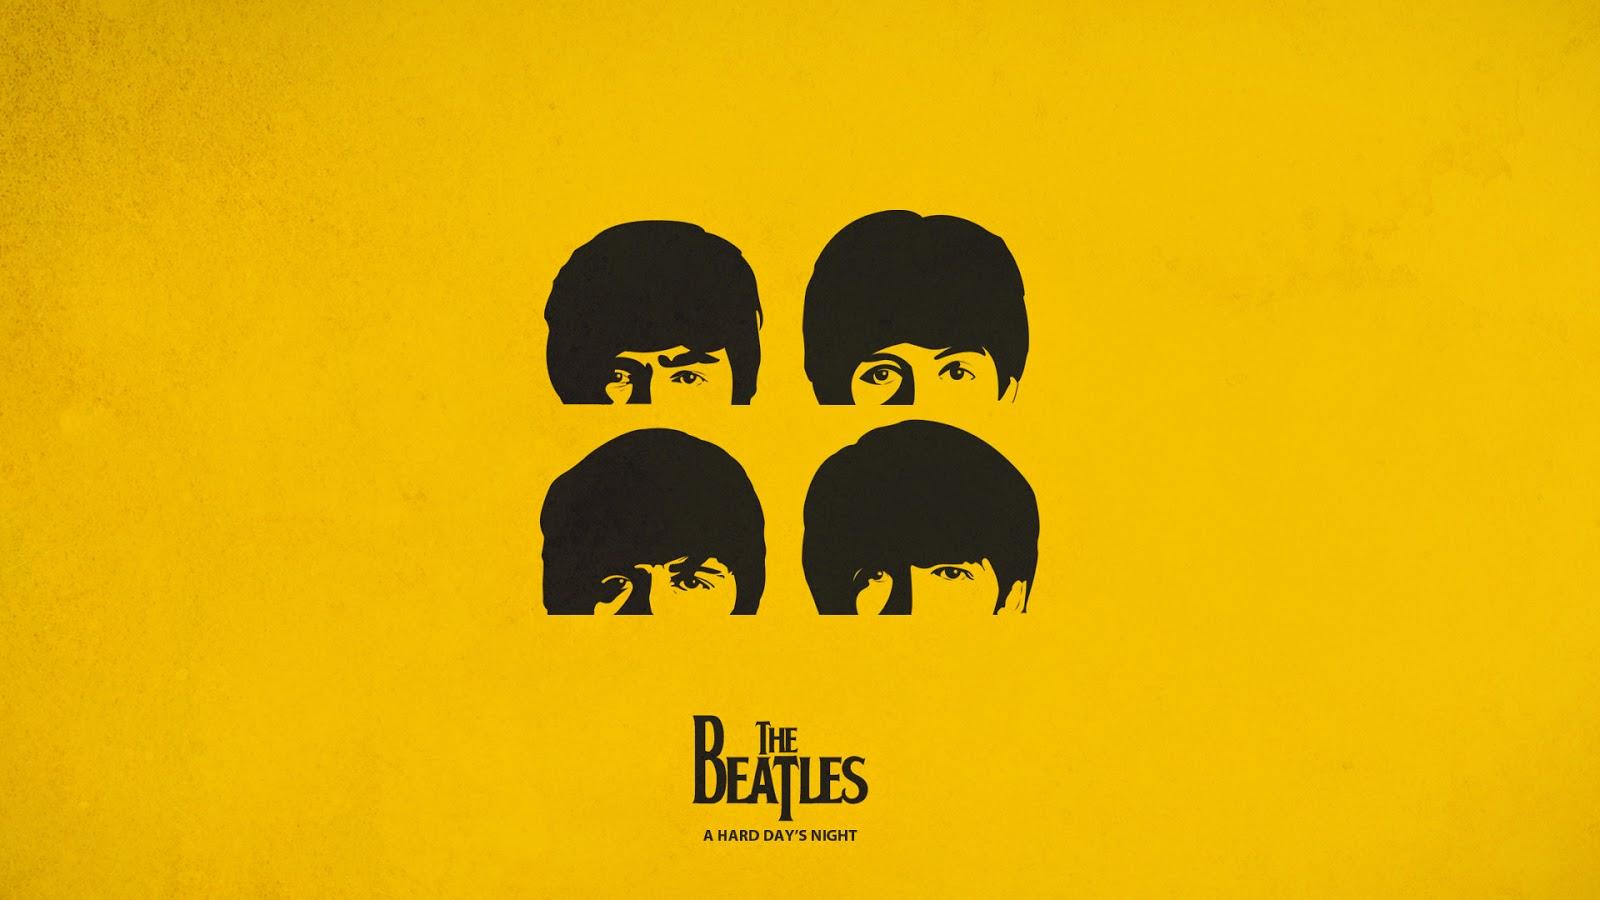 1080 Wallpaper Hd Beatles Abbey Road Hd Wallpaper